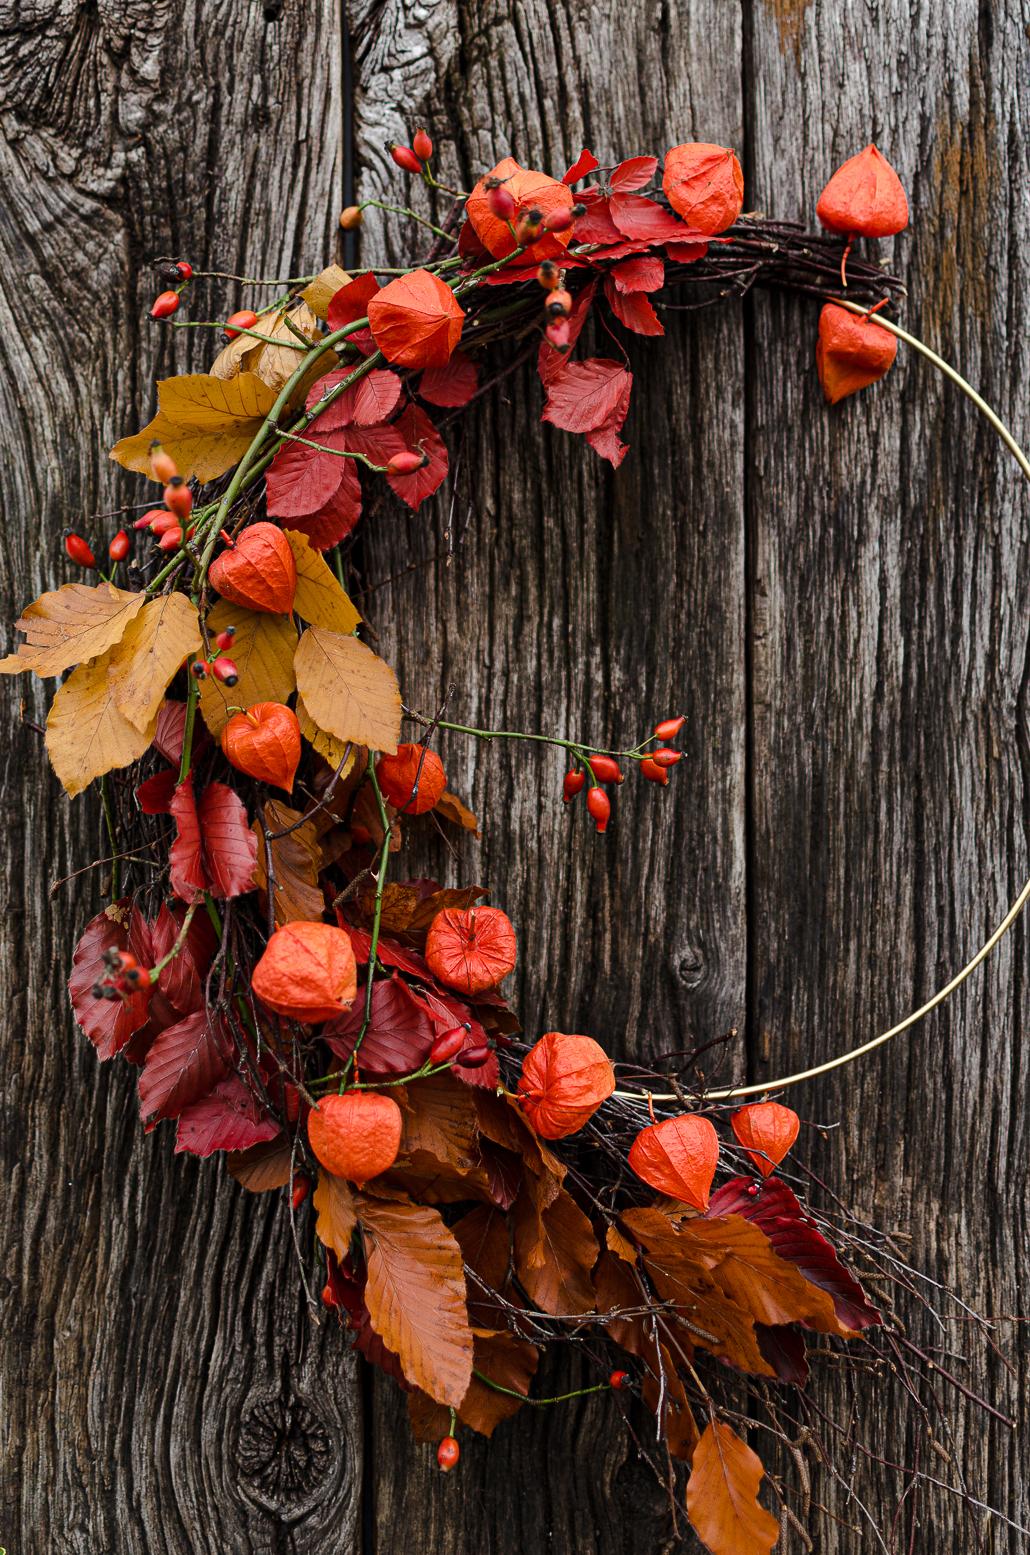 bunter Herbstkranz halb auf goldenem Ring gebunden, hängt an rustikalen Eichenbrettern